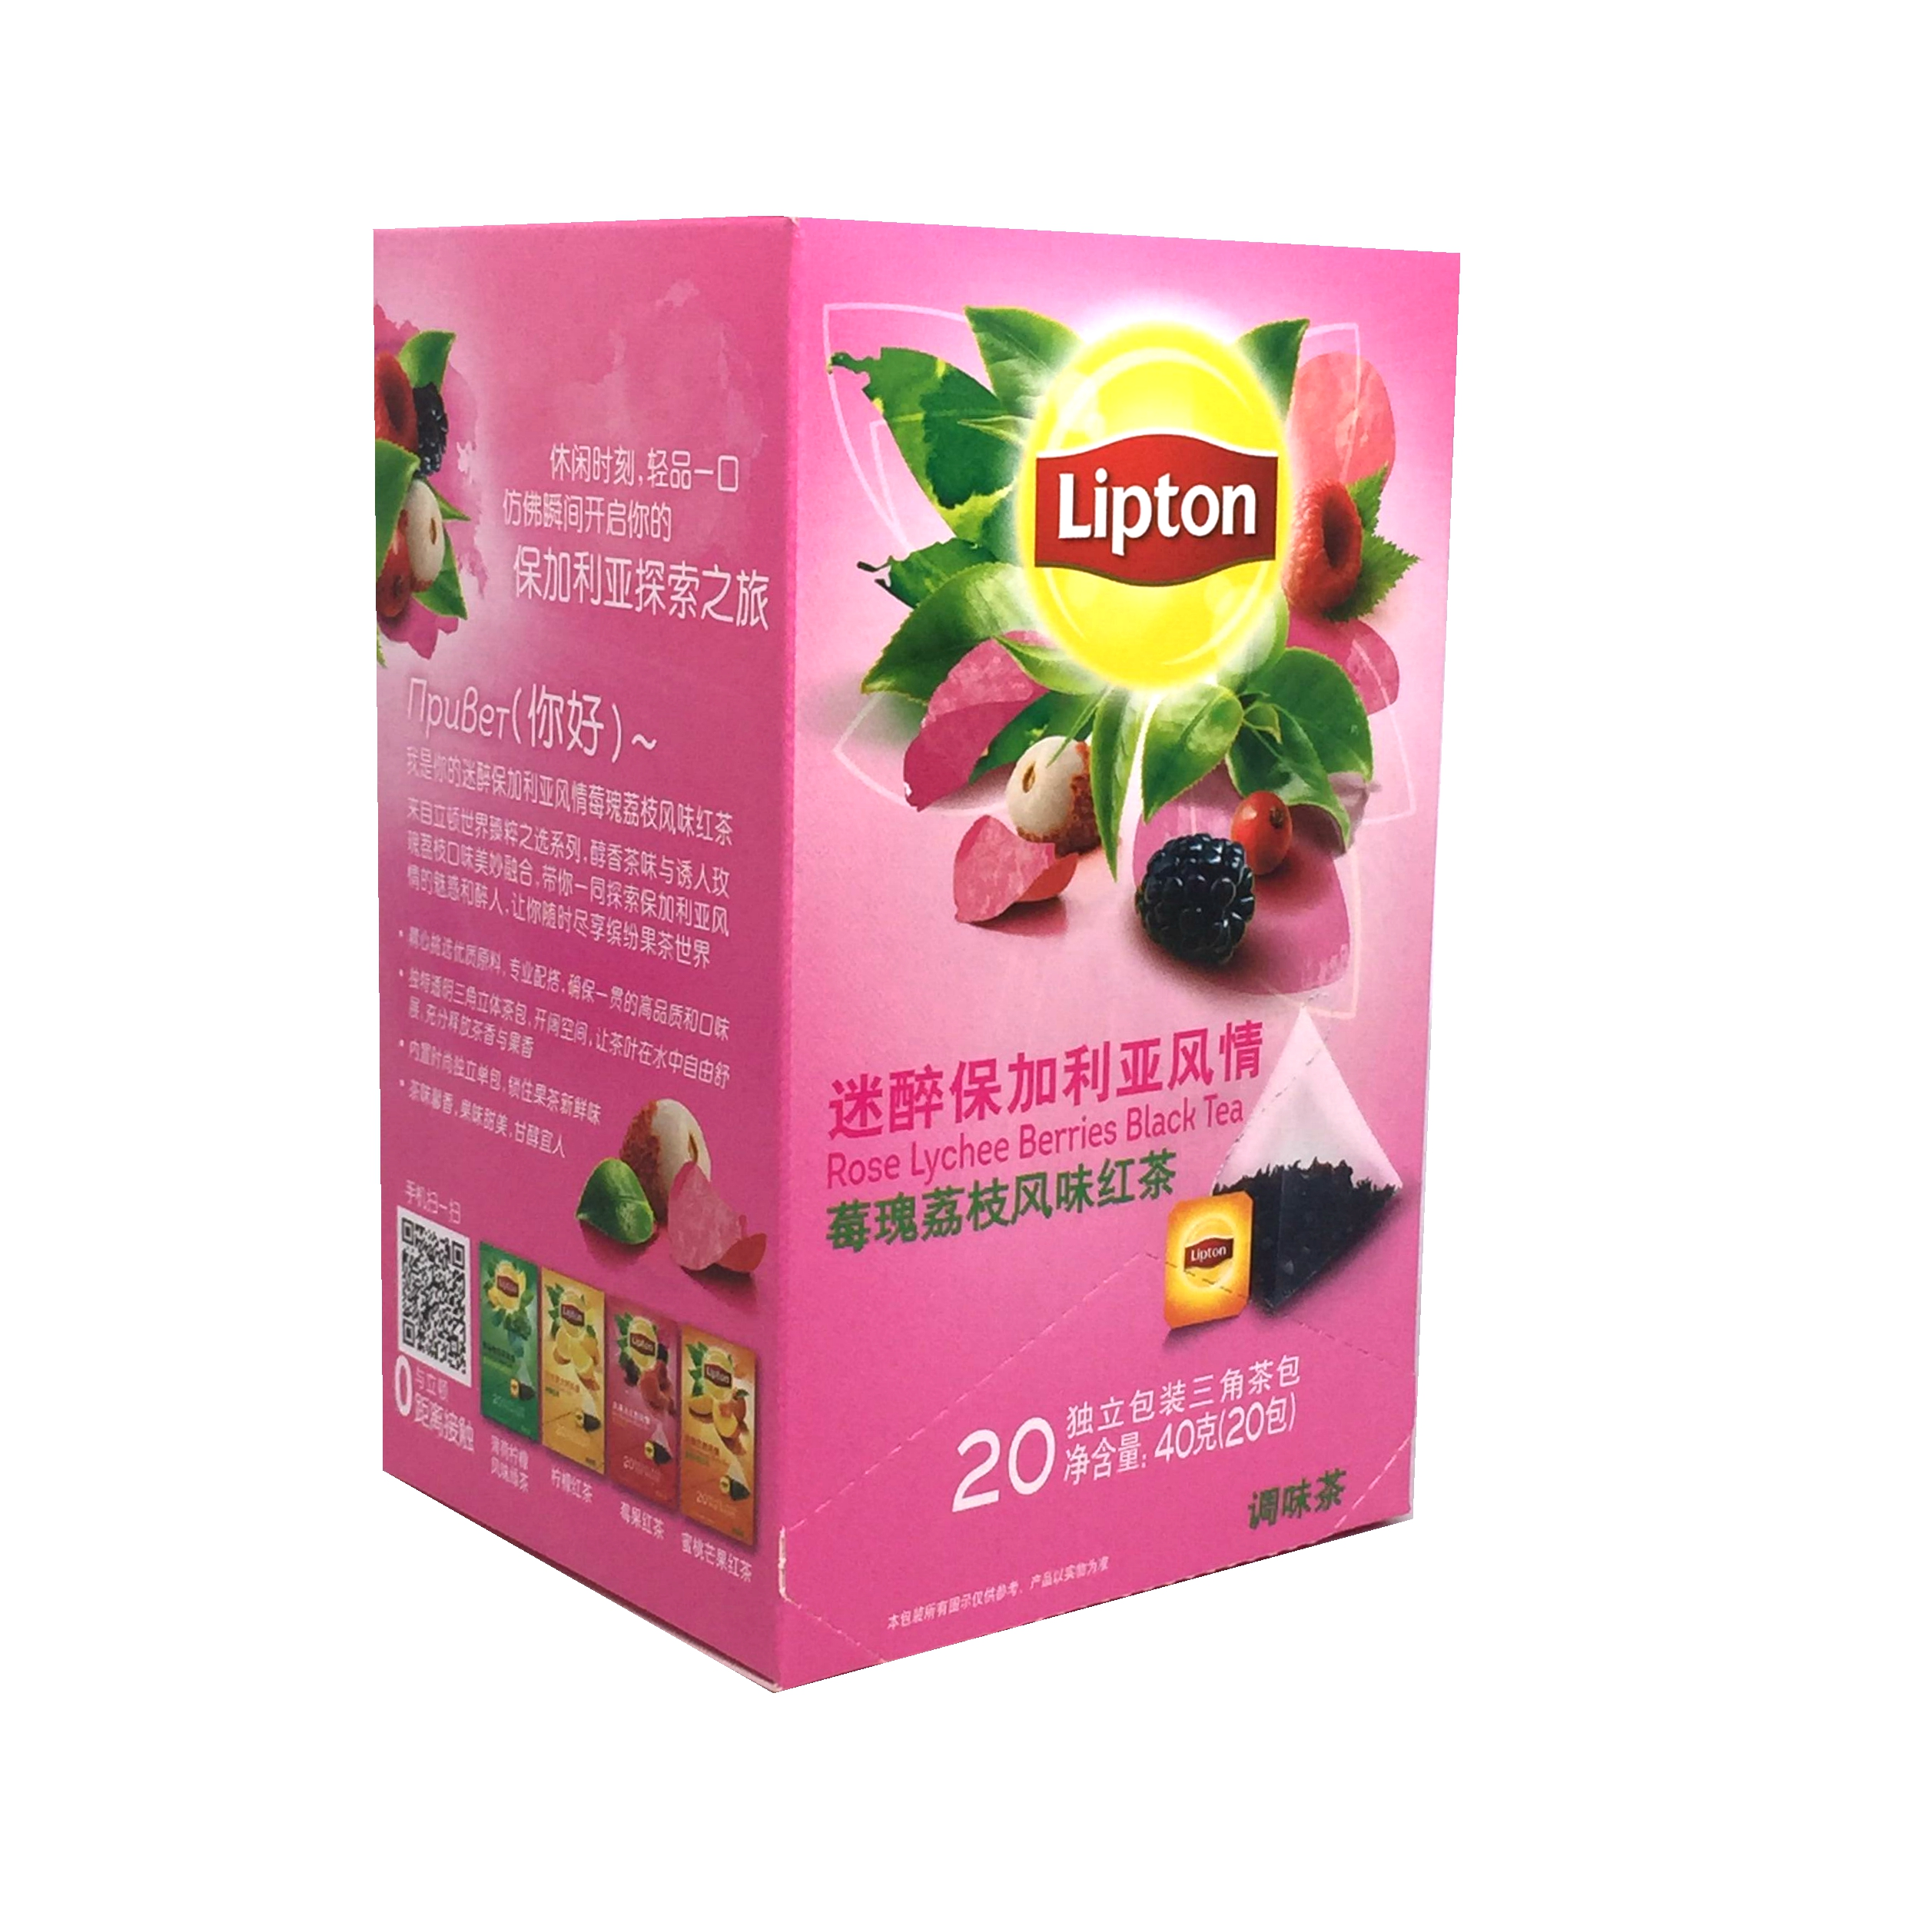 立顿果茶 莓瑰荔枝风味红茶20包40g独立装袋泡三角茶包调味水果茶